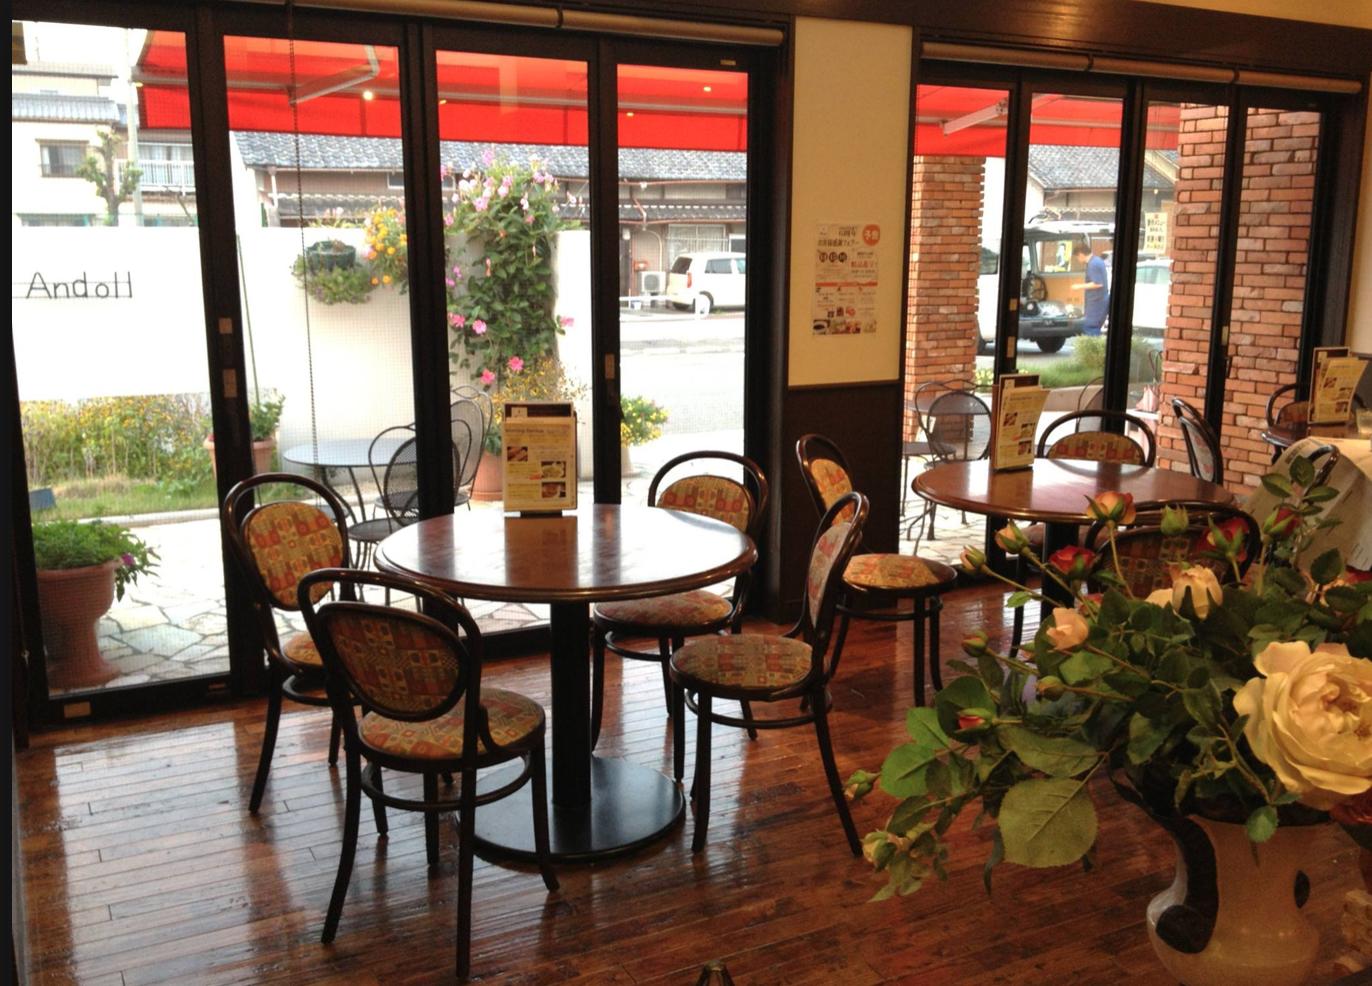 心ゆくまで苺を楽しむ。ド迫力の苺パフェ、名古屋西区の「Le Cafe Andoll」で連日完売中! - b7ed54c7ce89d5fb7498d47bc1c24bcb